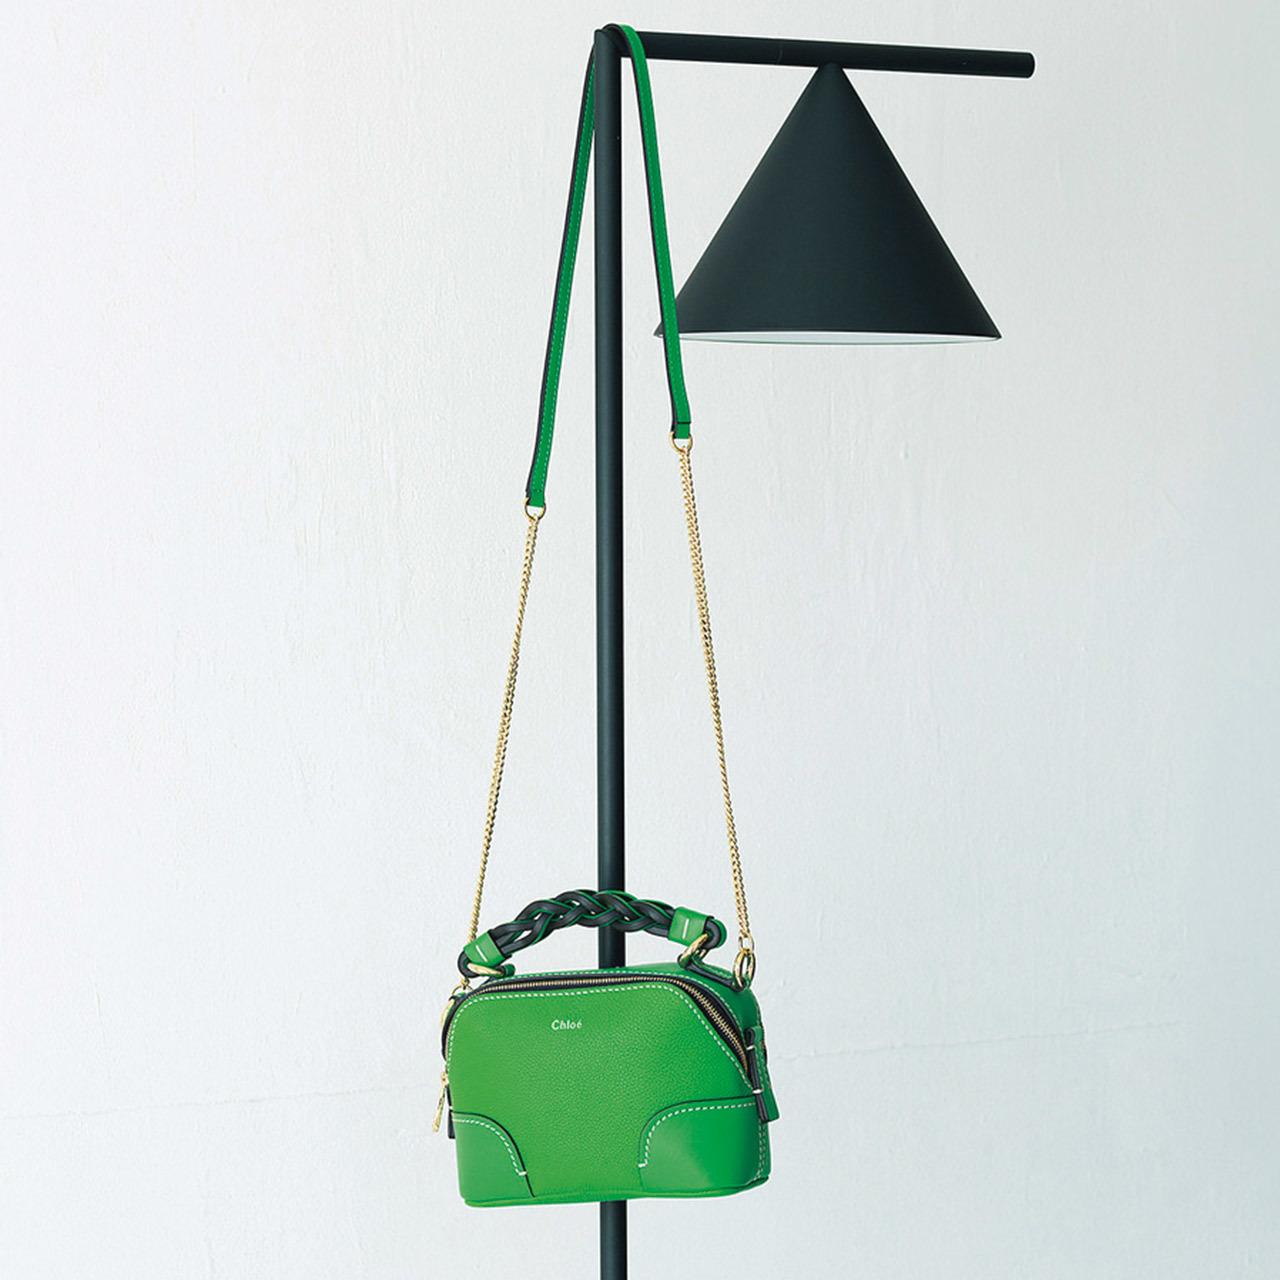 クロエのミニチェーンバッグ